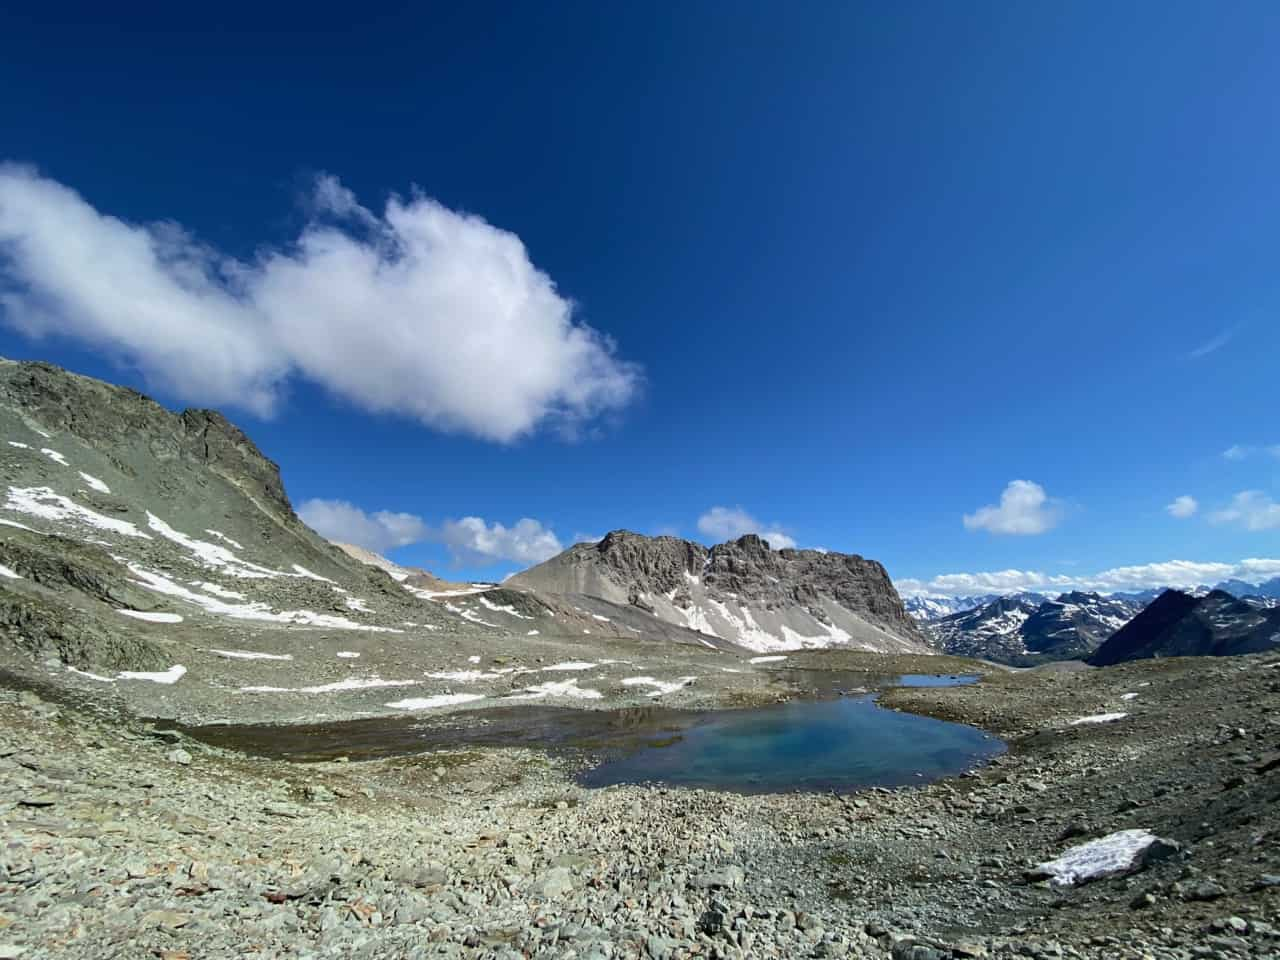 auszeit schweiz im graubünden, türkis farbener bergsee in karger gerölllandschaft